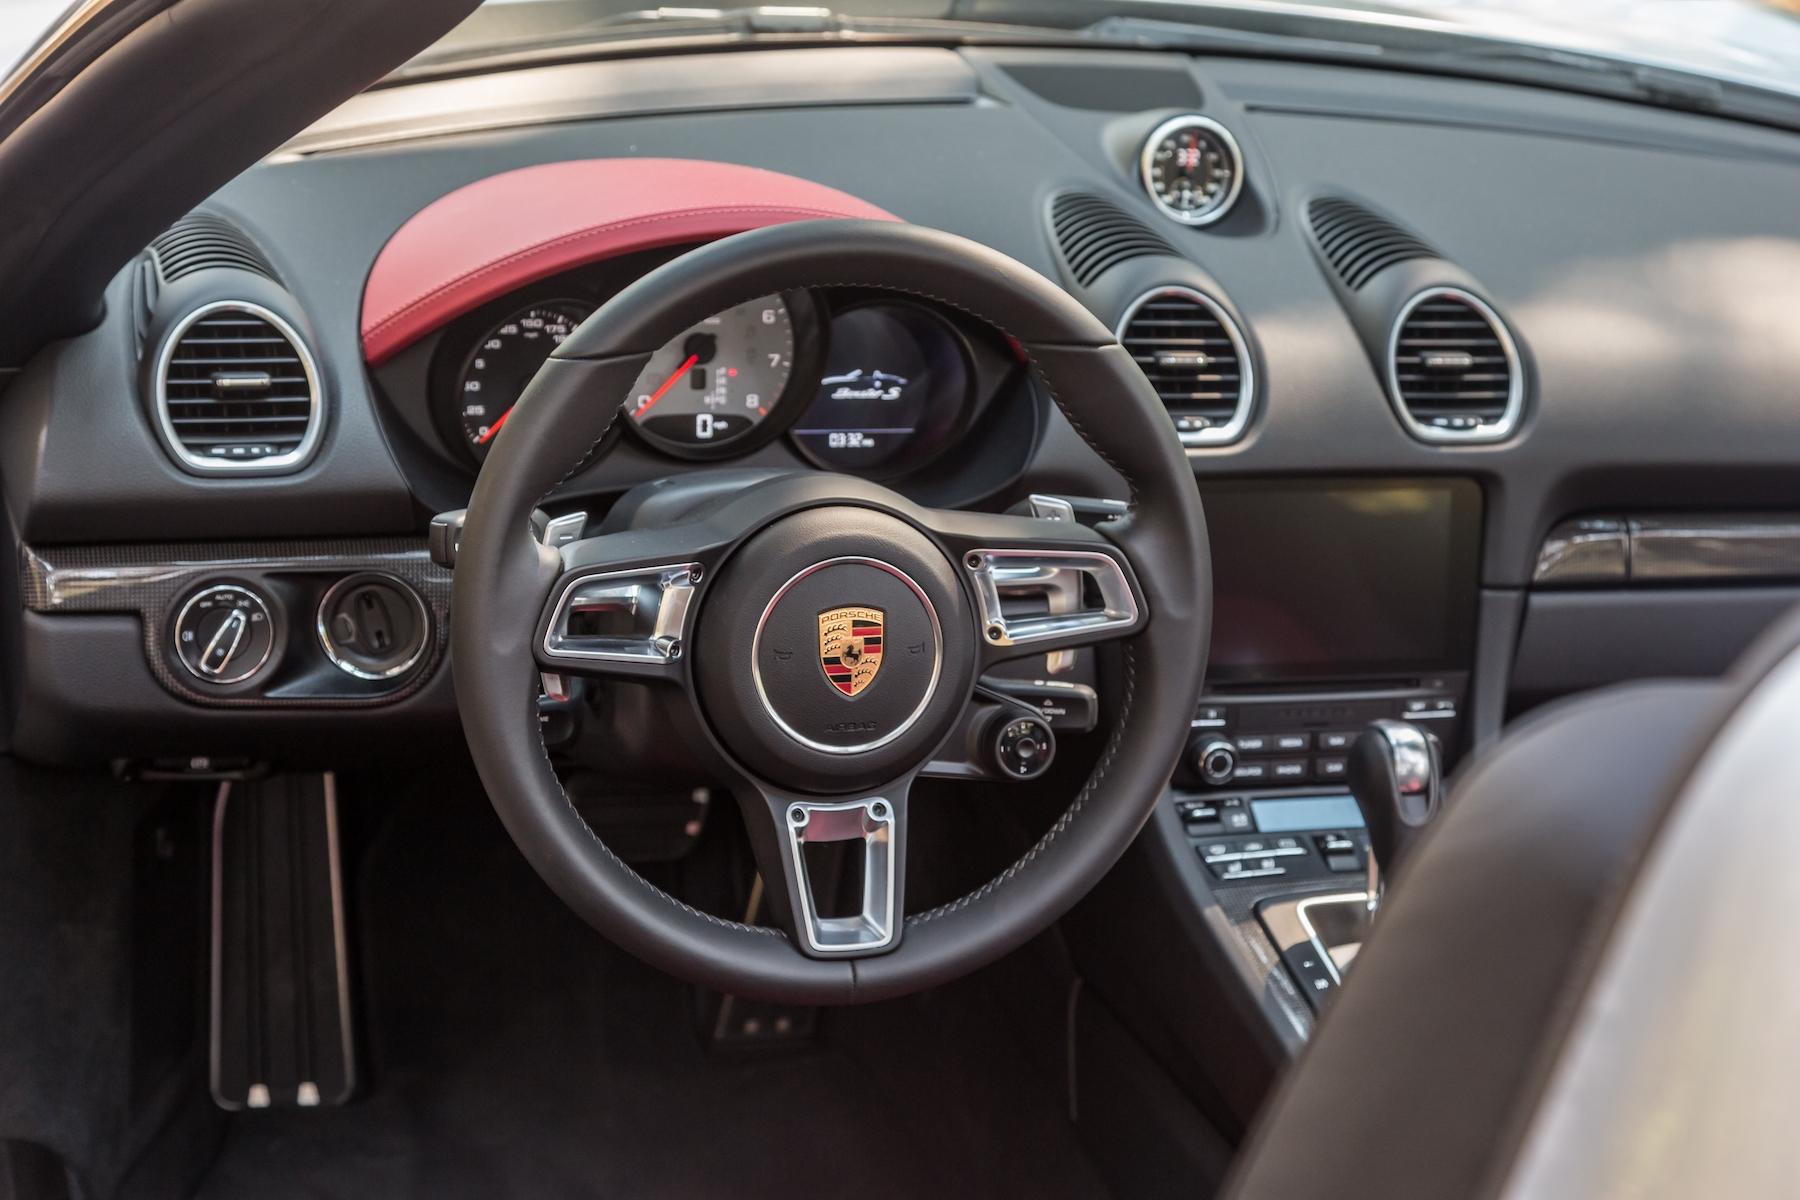 migliori auto cabrio: Porsche Boxter 718 interni